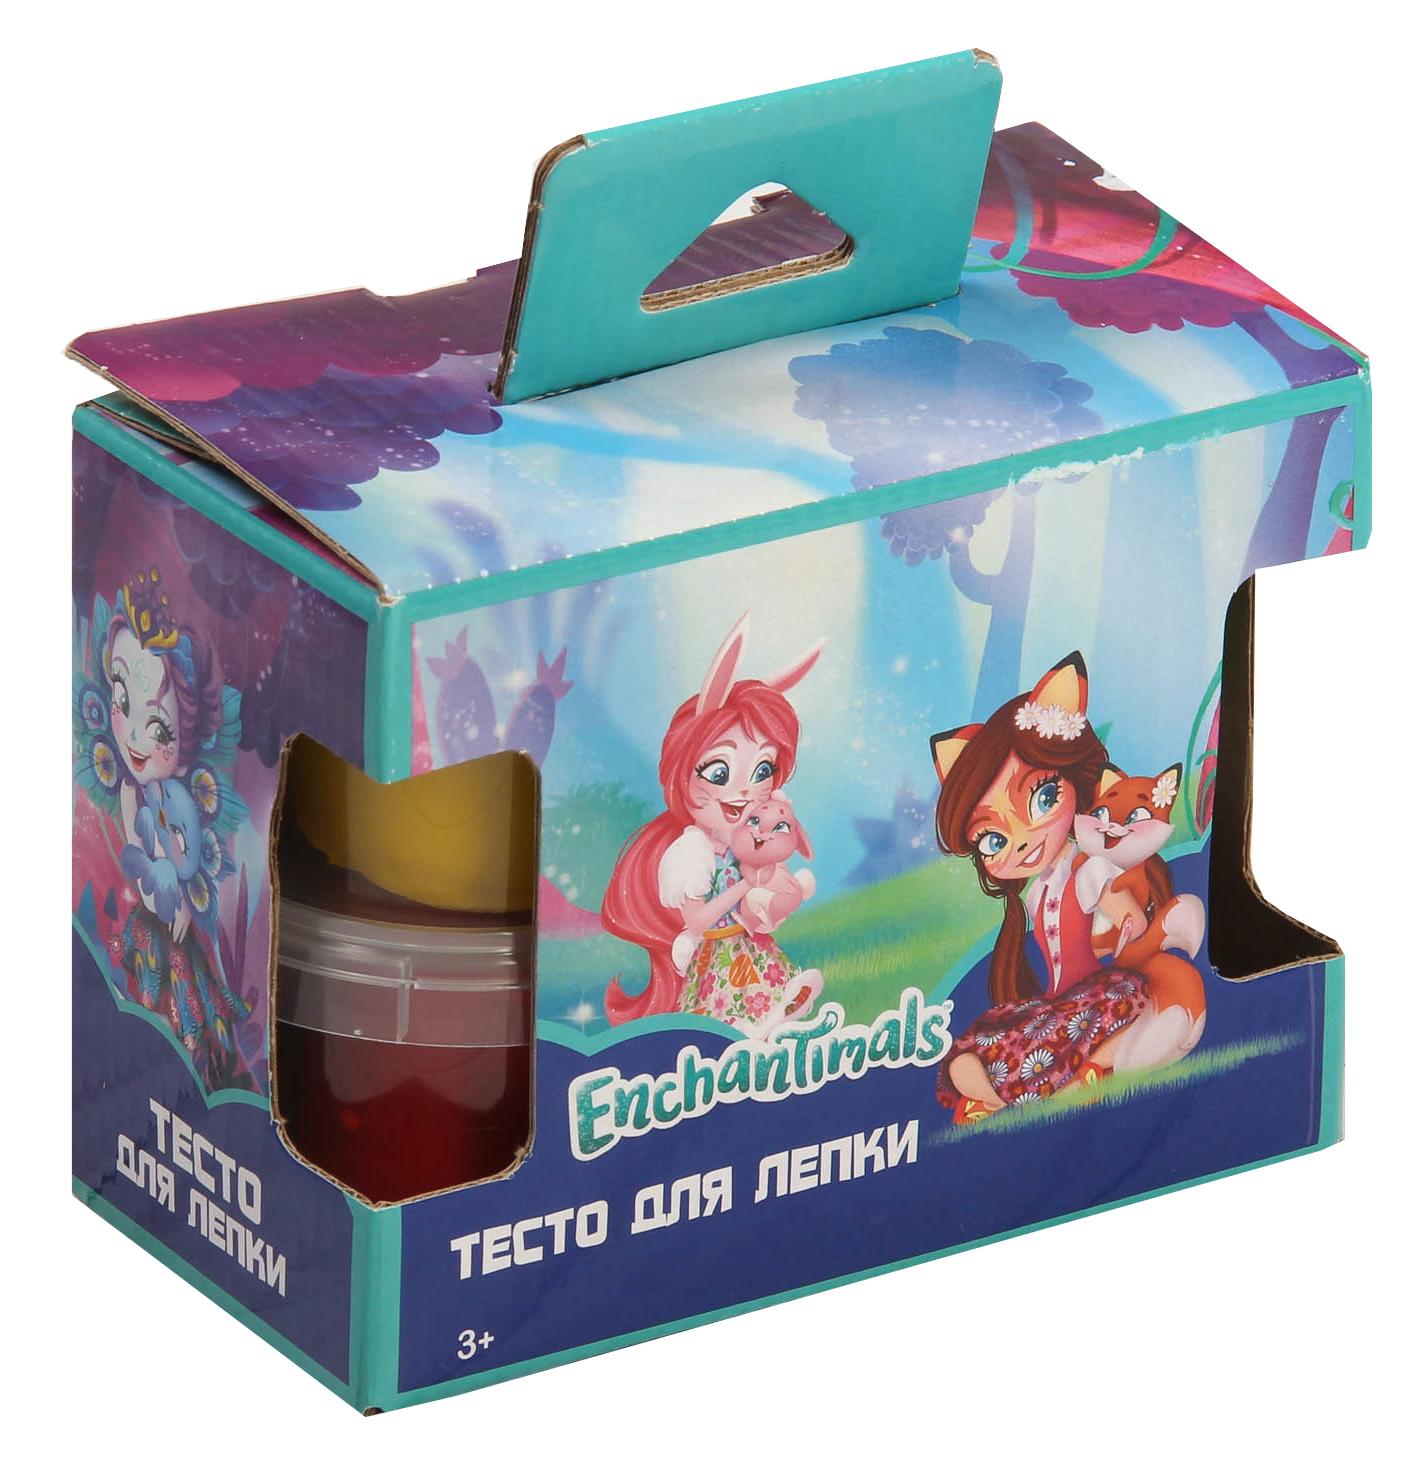 Тесто для лепки Centrum Enchantimals 4 цвета играем вместе тесто для лепки принцессы дисней неоновое 4 цвета